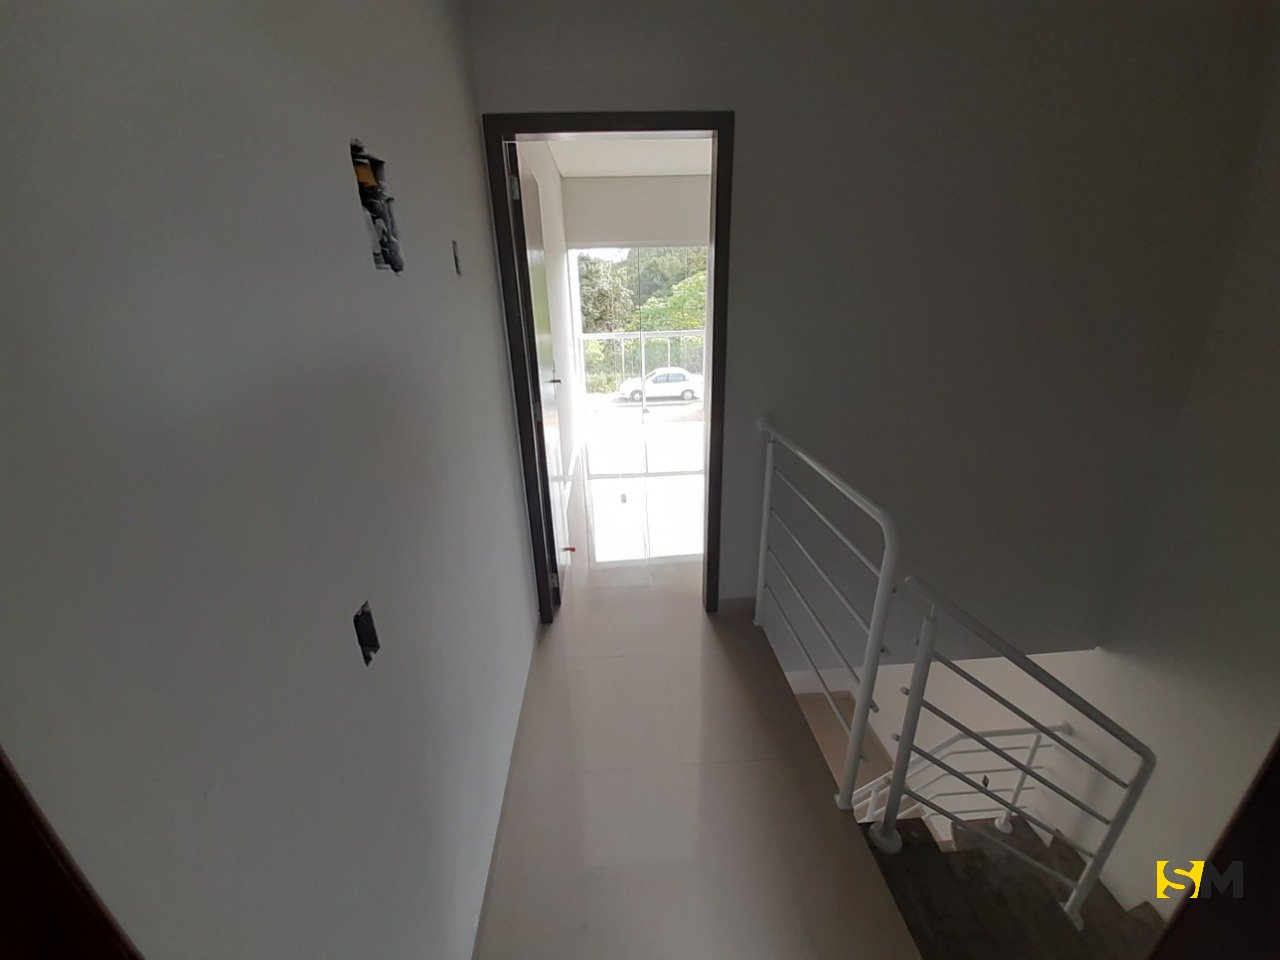 Geminado Joinville Paranaguamirim 2167147